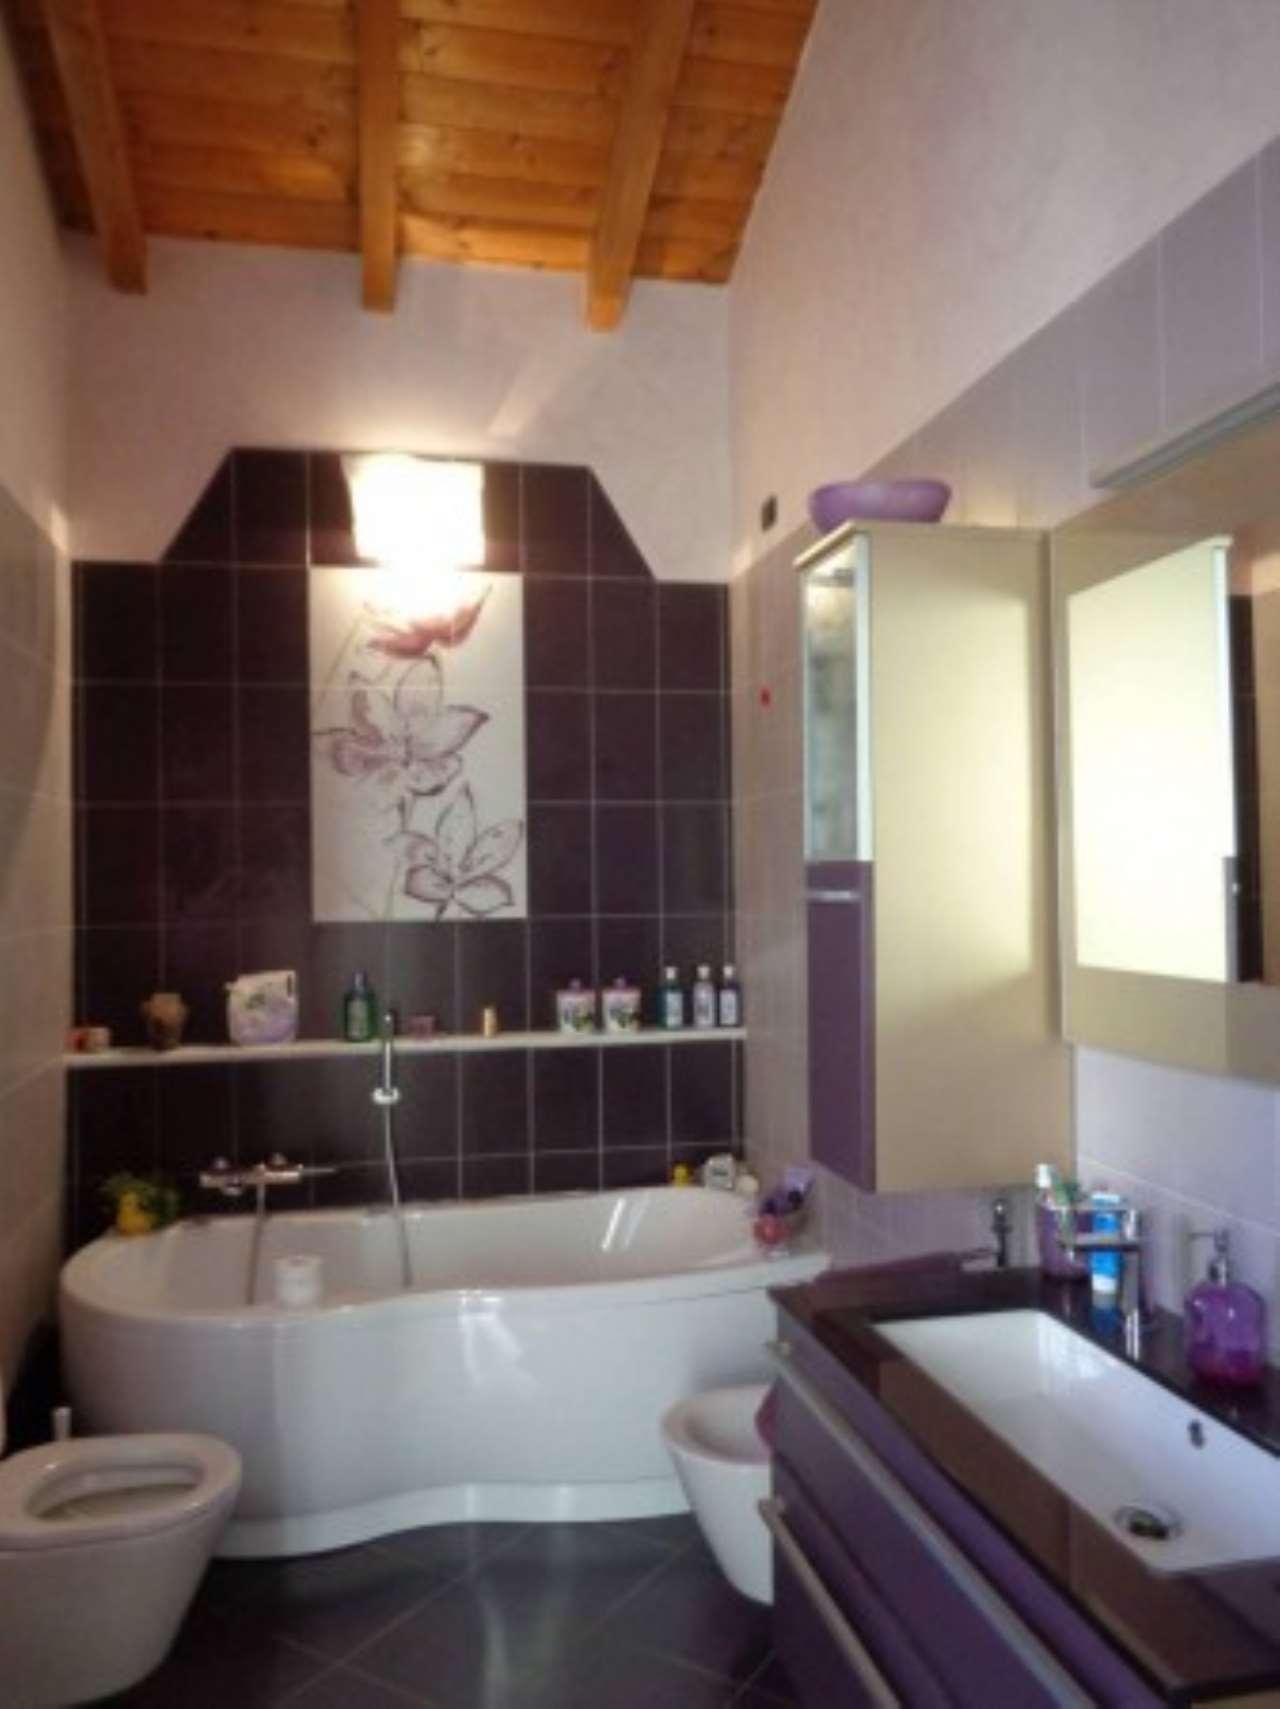 Villa in vendita a Casalino, 6 locali, prezzo € 320.000 | Cambio Casa.it